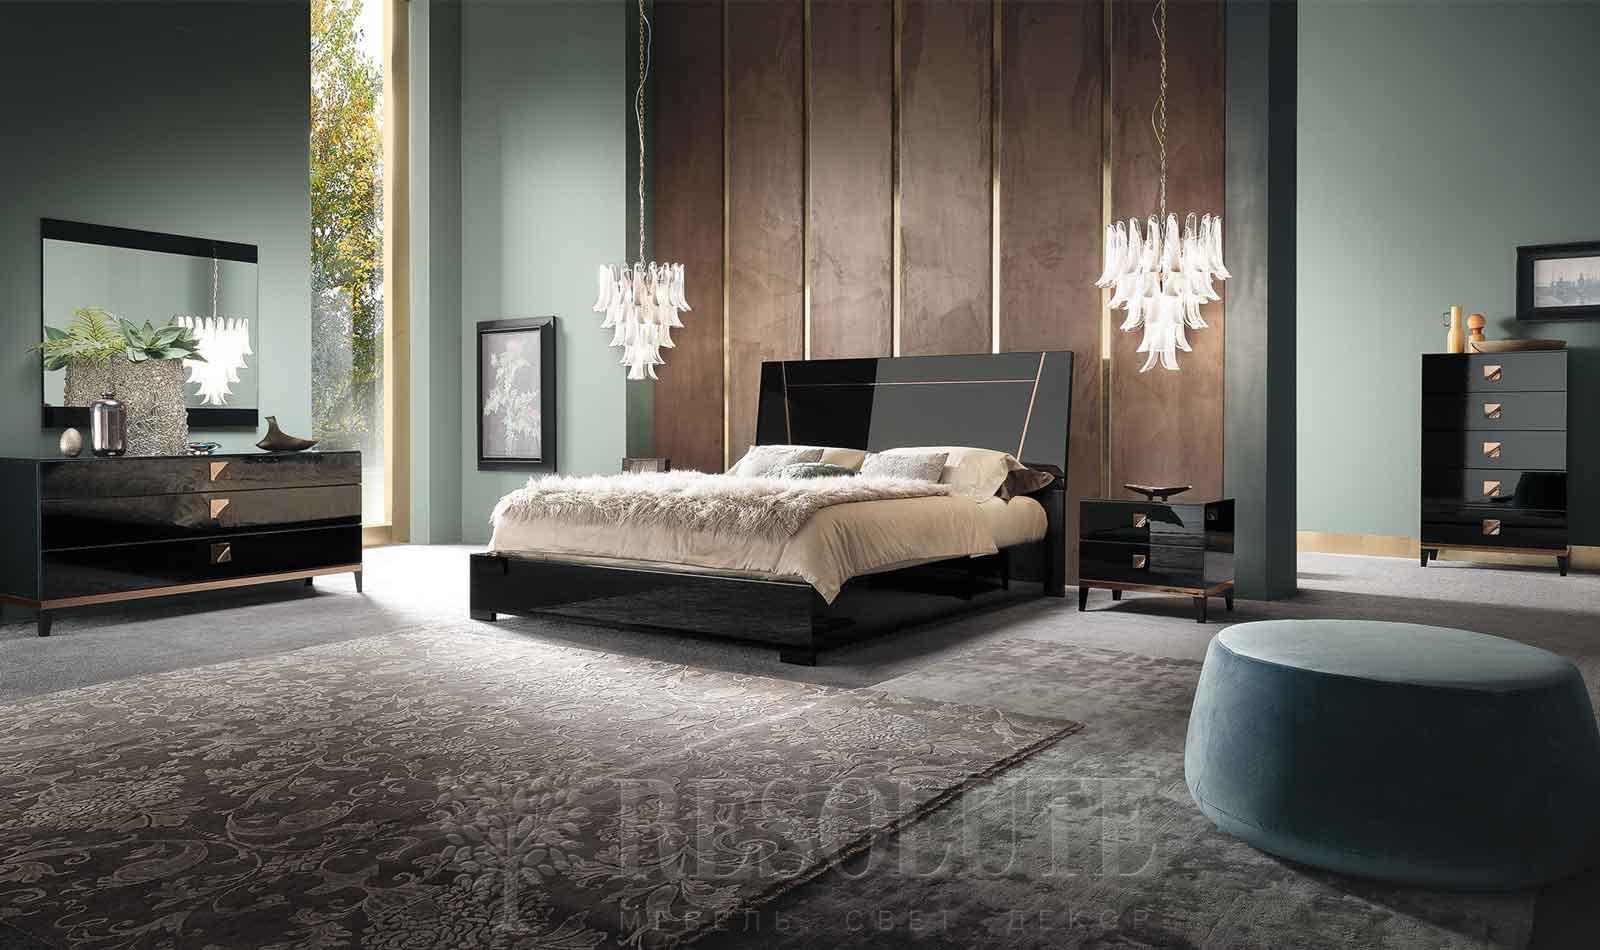 Кровать двуспальная MONT NOIR ALF - 1